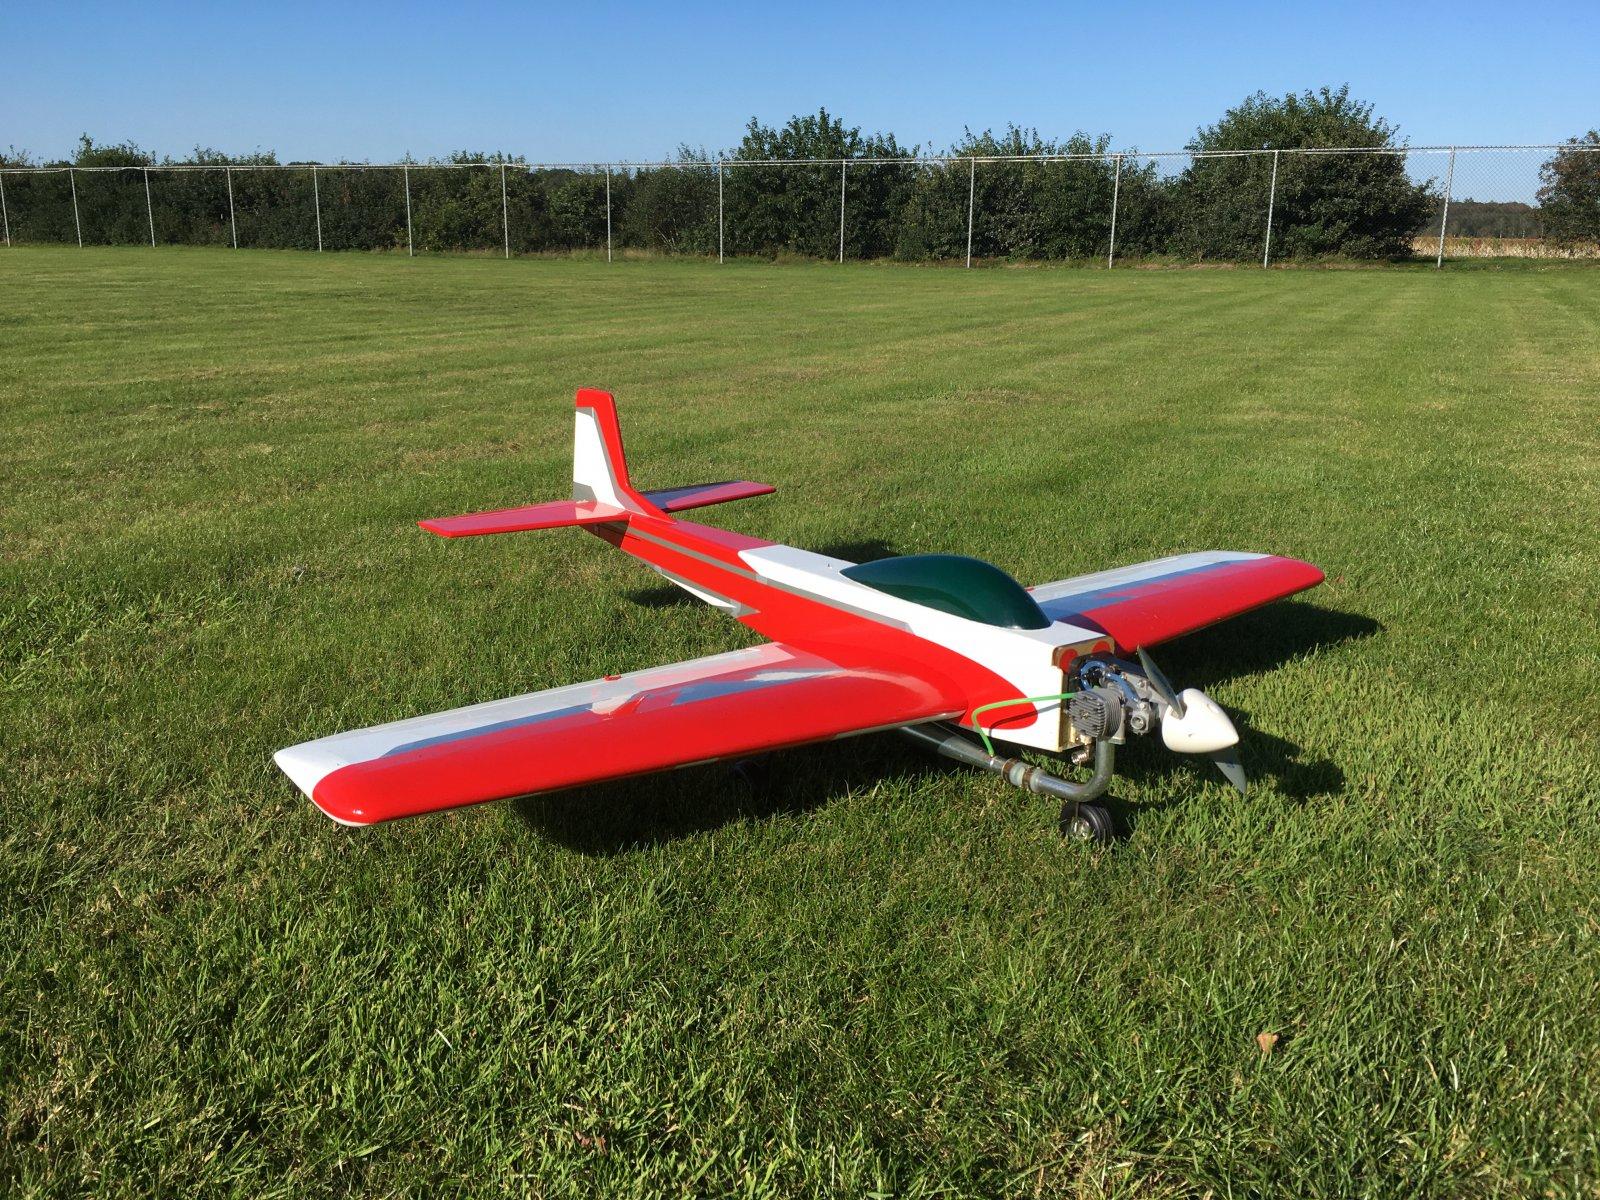 22CFC51E-EA7F-454B-A059-2A528FEBDE2F.jpeg